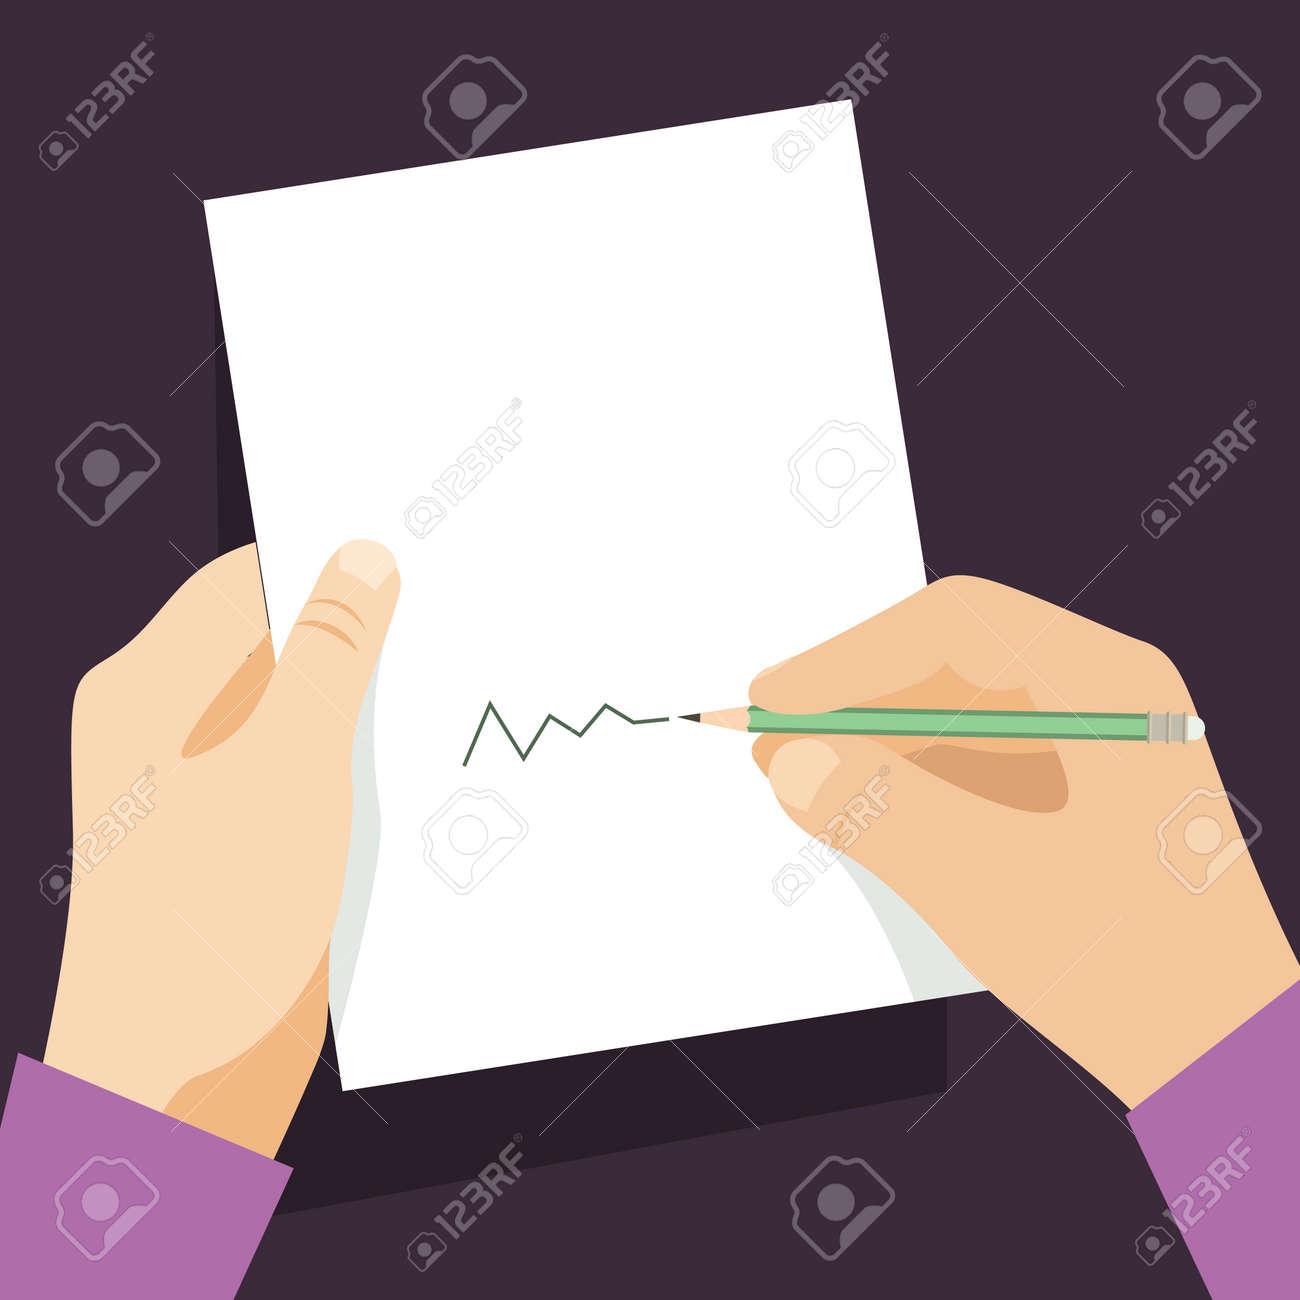 Signos Hombre Documento Mango Pone Su Firma Estilo De Dibujos ...